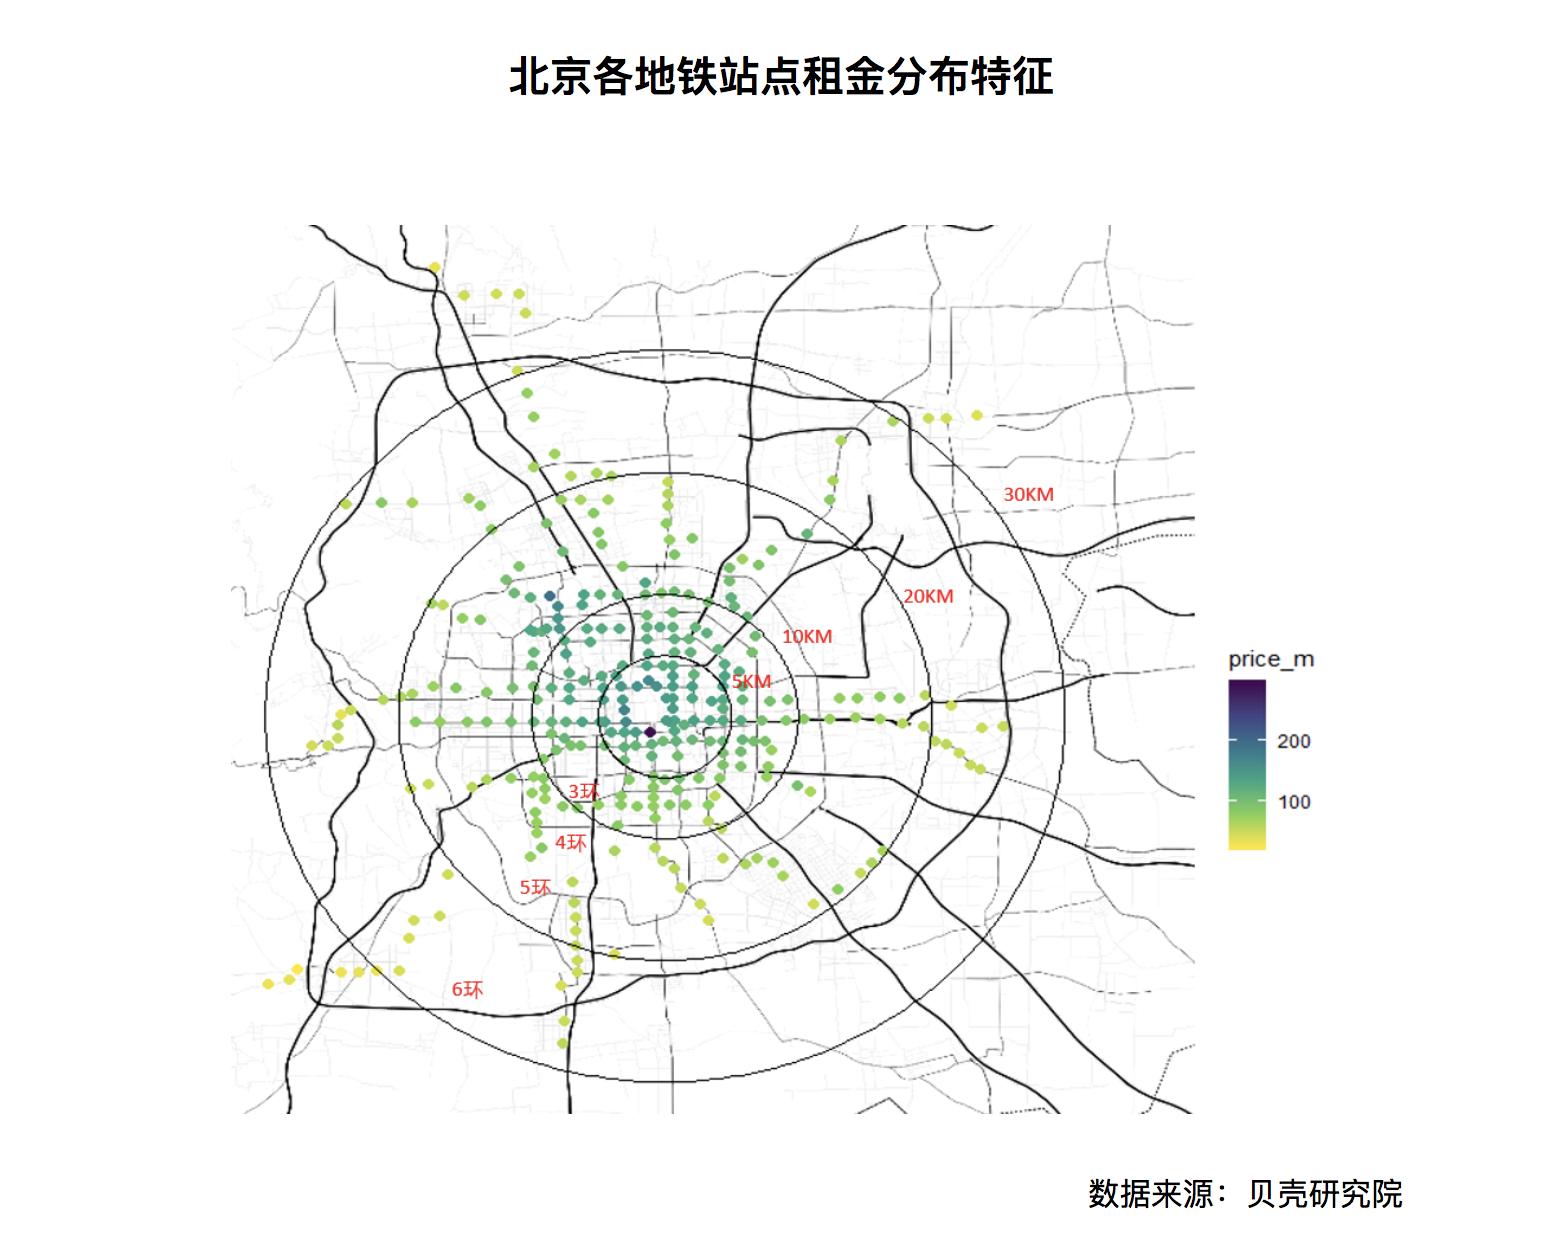 北京租房自由门槛多高?看这份租房大数据解密